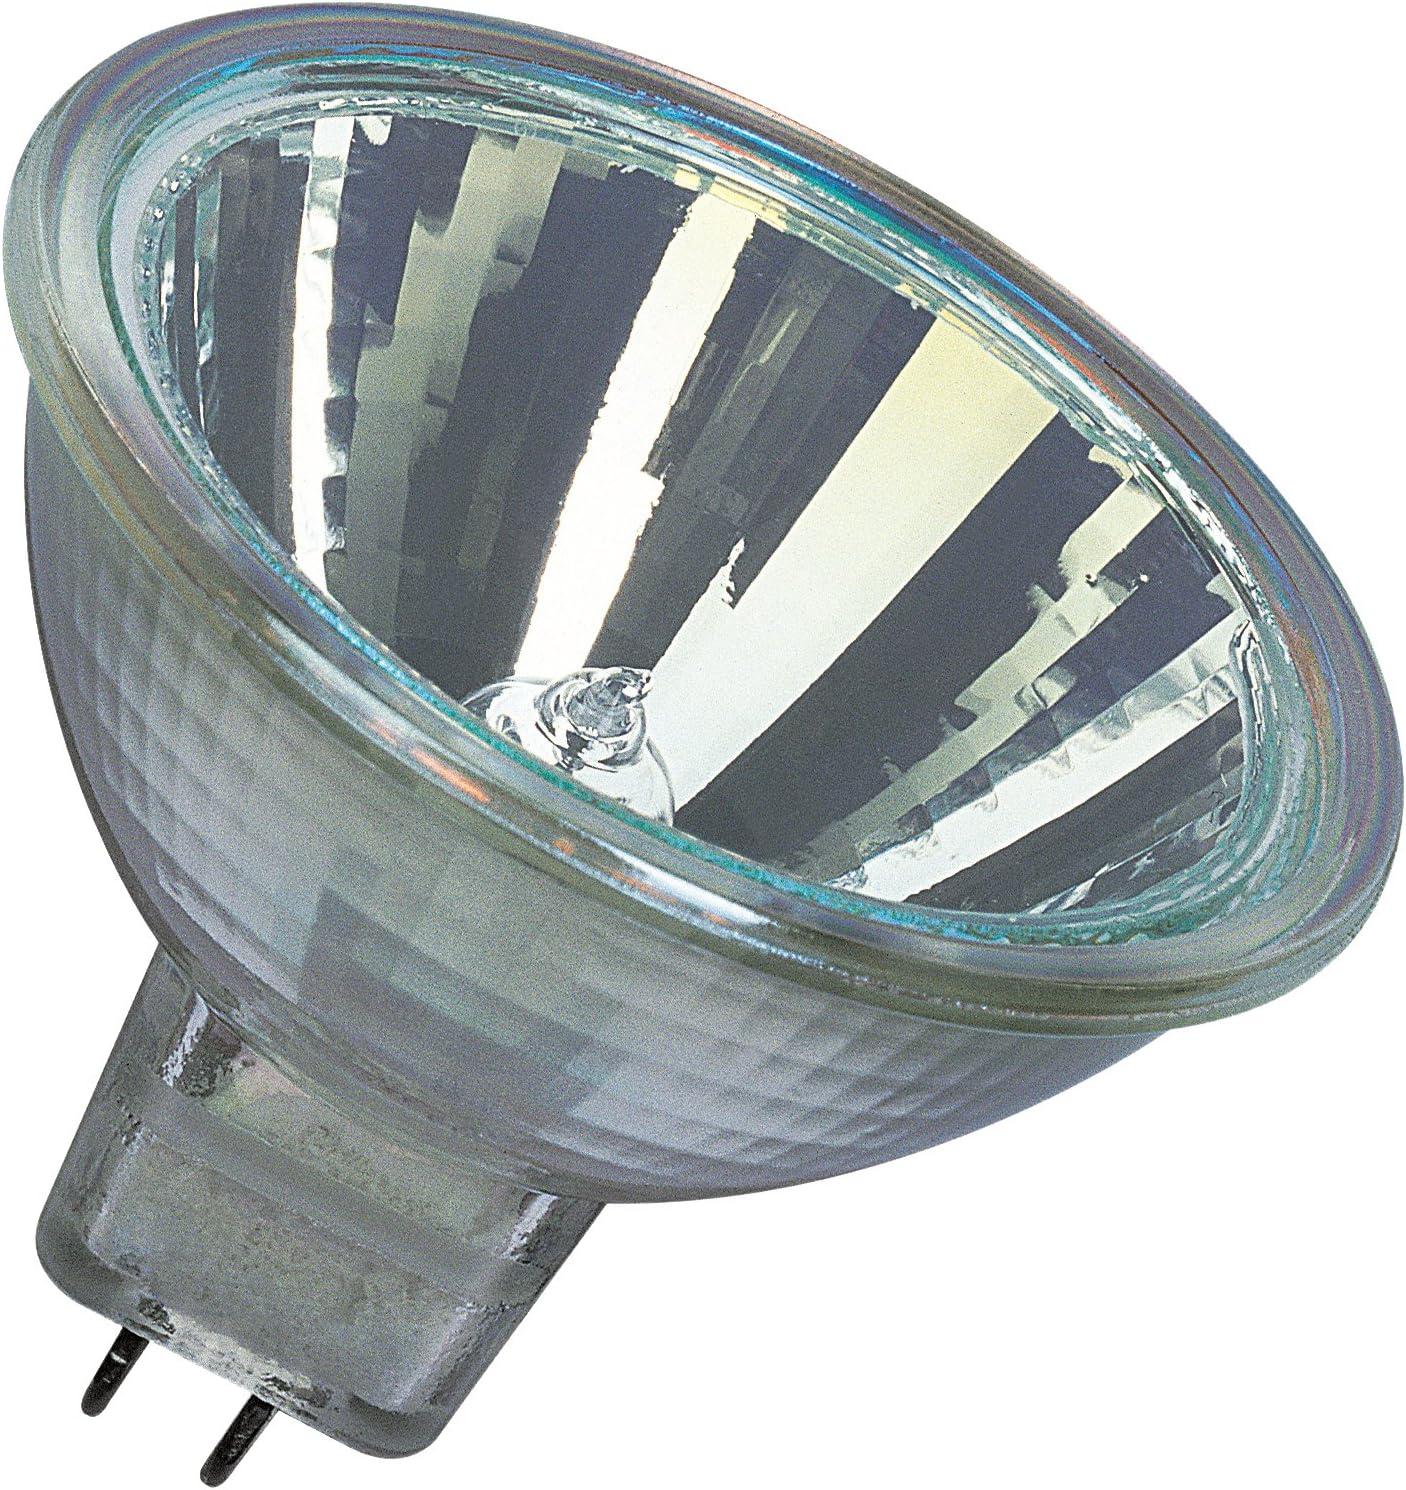 Osram 10-er Set Decostar EEK C 51s 12 Volt 35 Watt Sockel Gu5,3 36 Halogenlampe mit Kaltlichtspiegelreflektor und Abdeckscheibe Durchmesser 51 mm 44865WFL